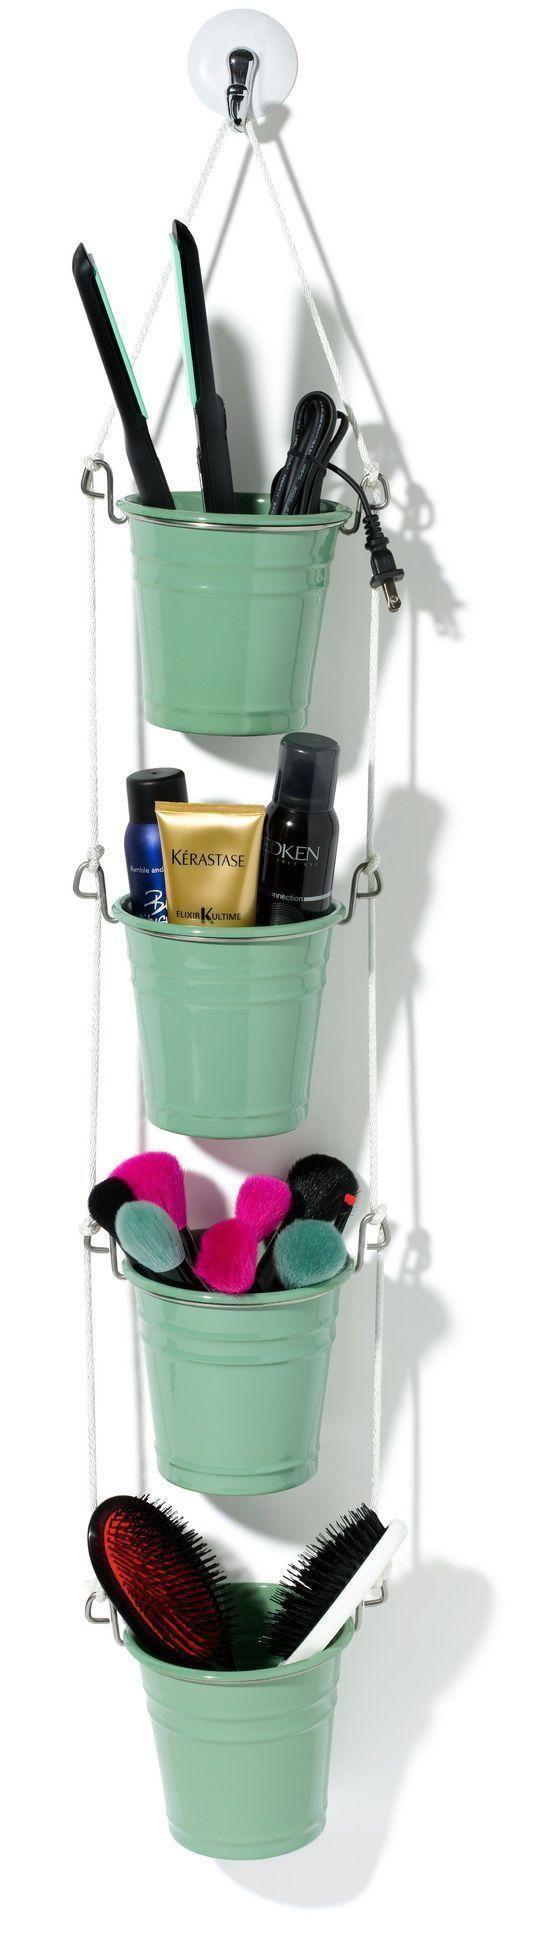 Cute DIY ahead! An easy beauty organizer how-to